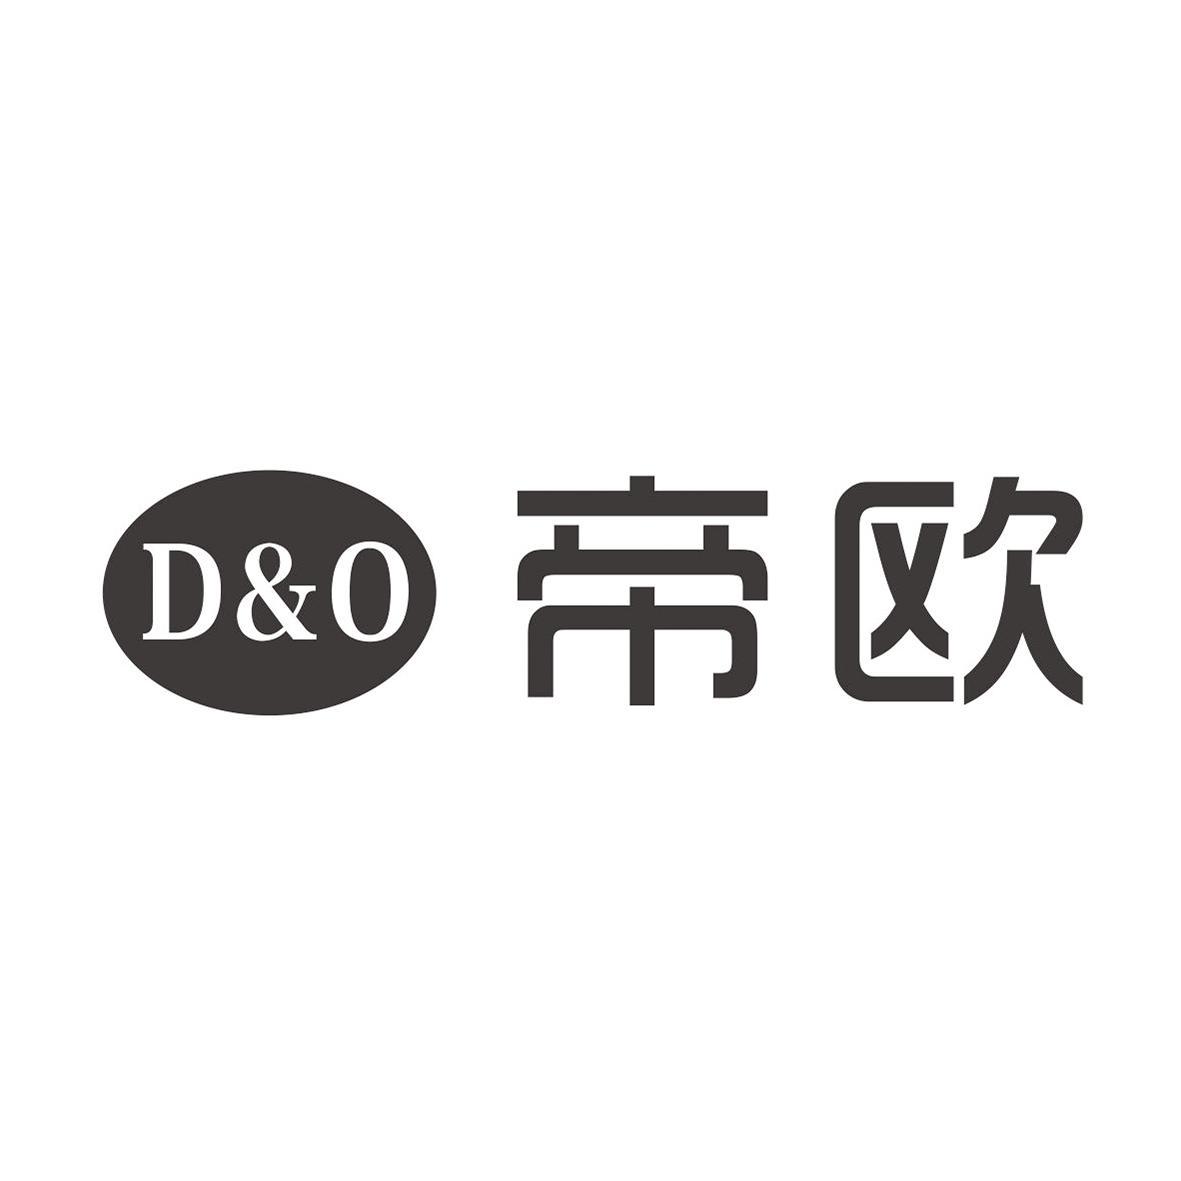 帝欧 D&O 商标公告